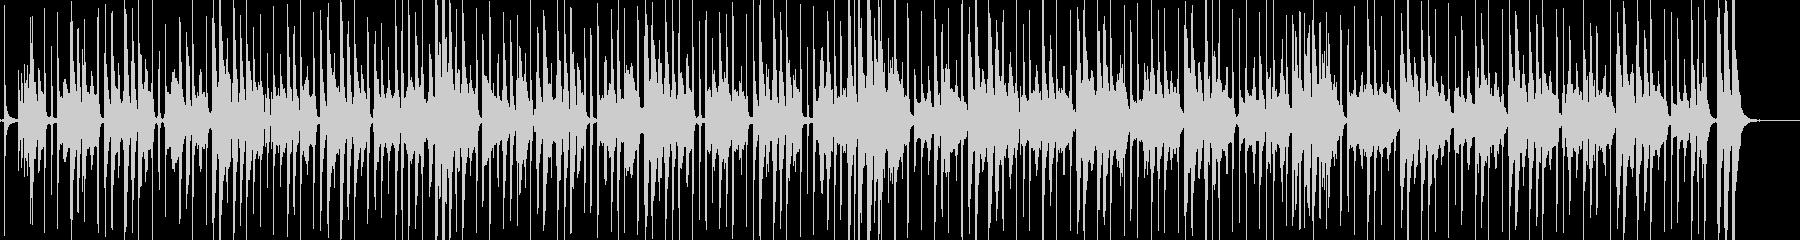 軽快なチャチャチャのリズムの明るい歌の未再生の波形